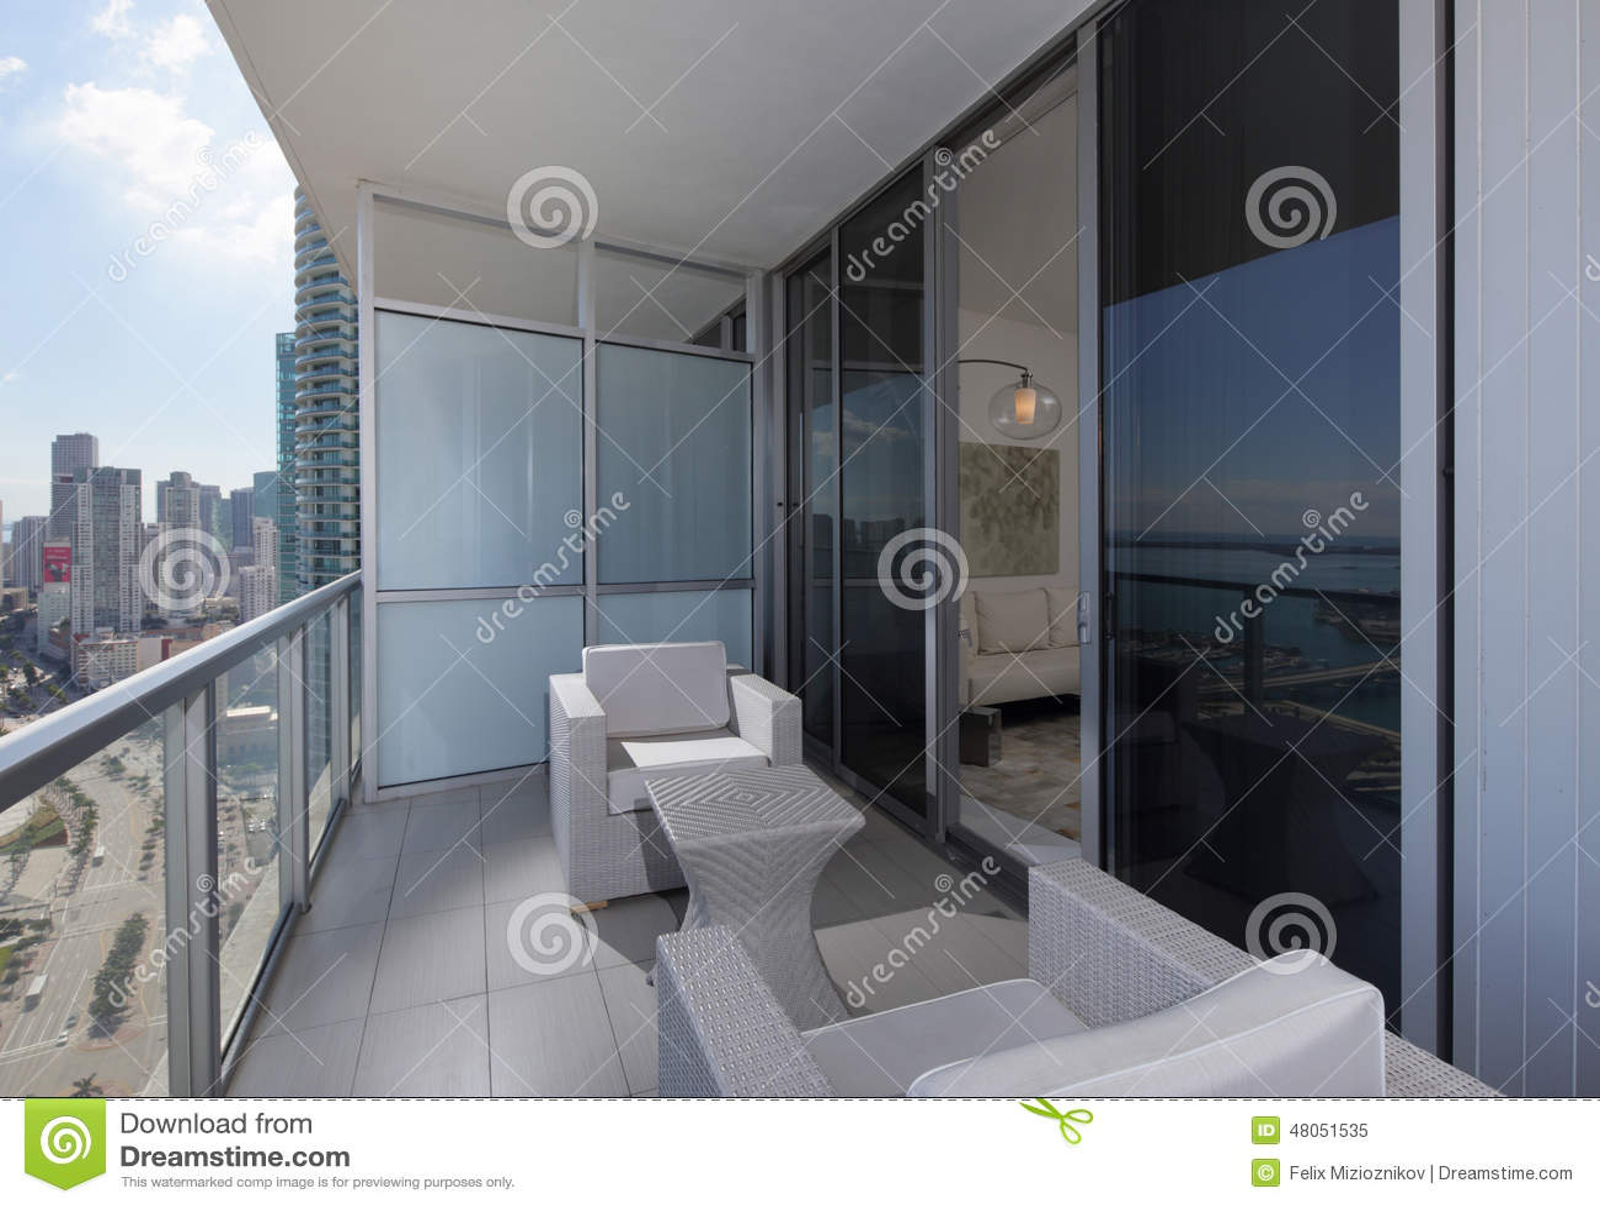 Moderne Balkonmobel Stockbild Bild Von Eigentumswohnung 48051535